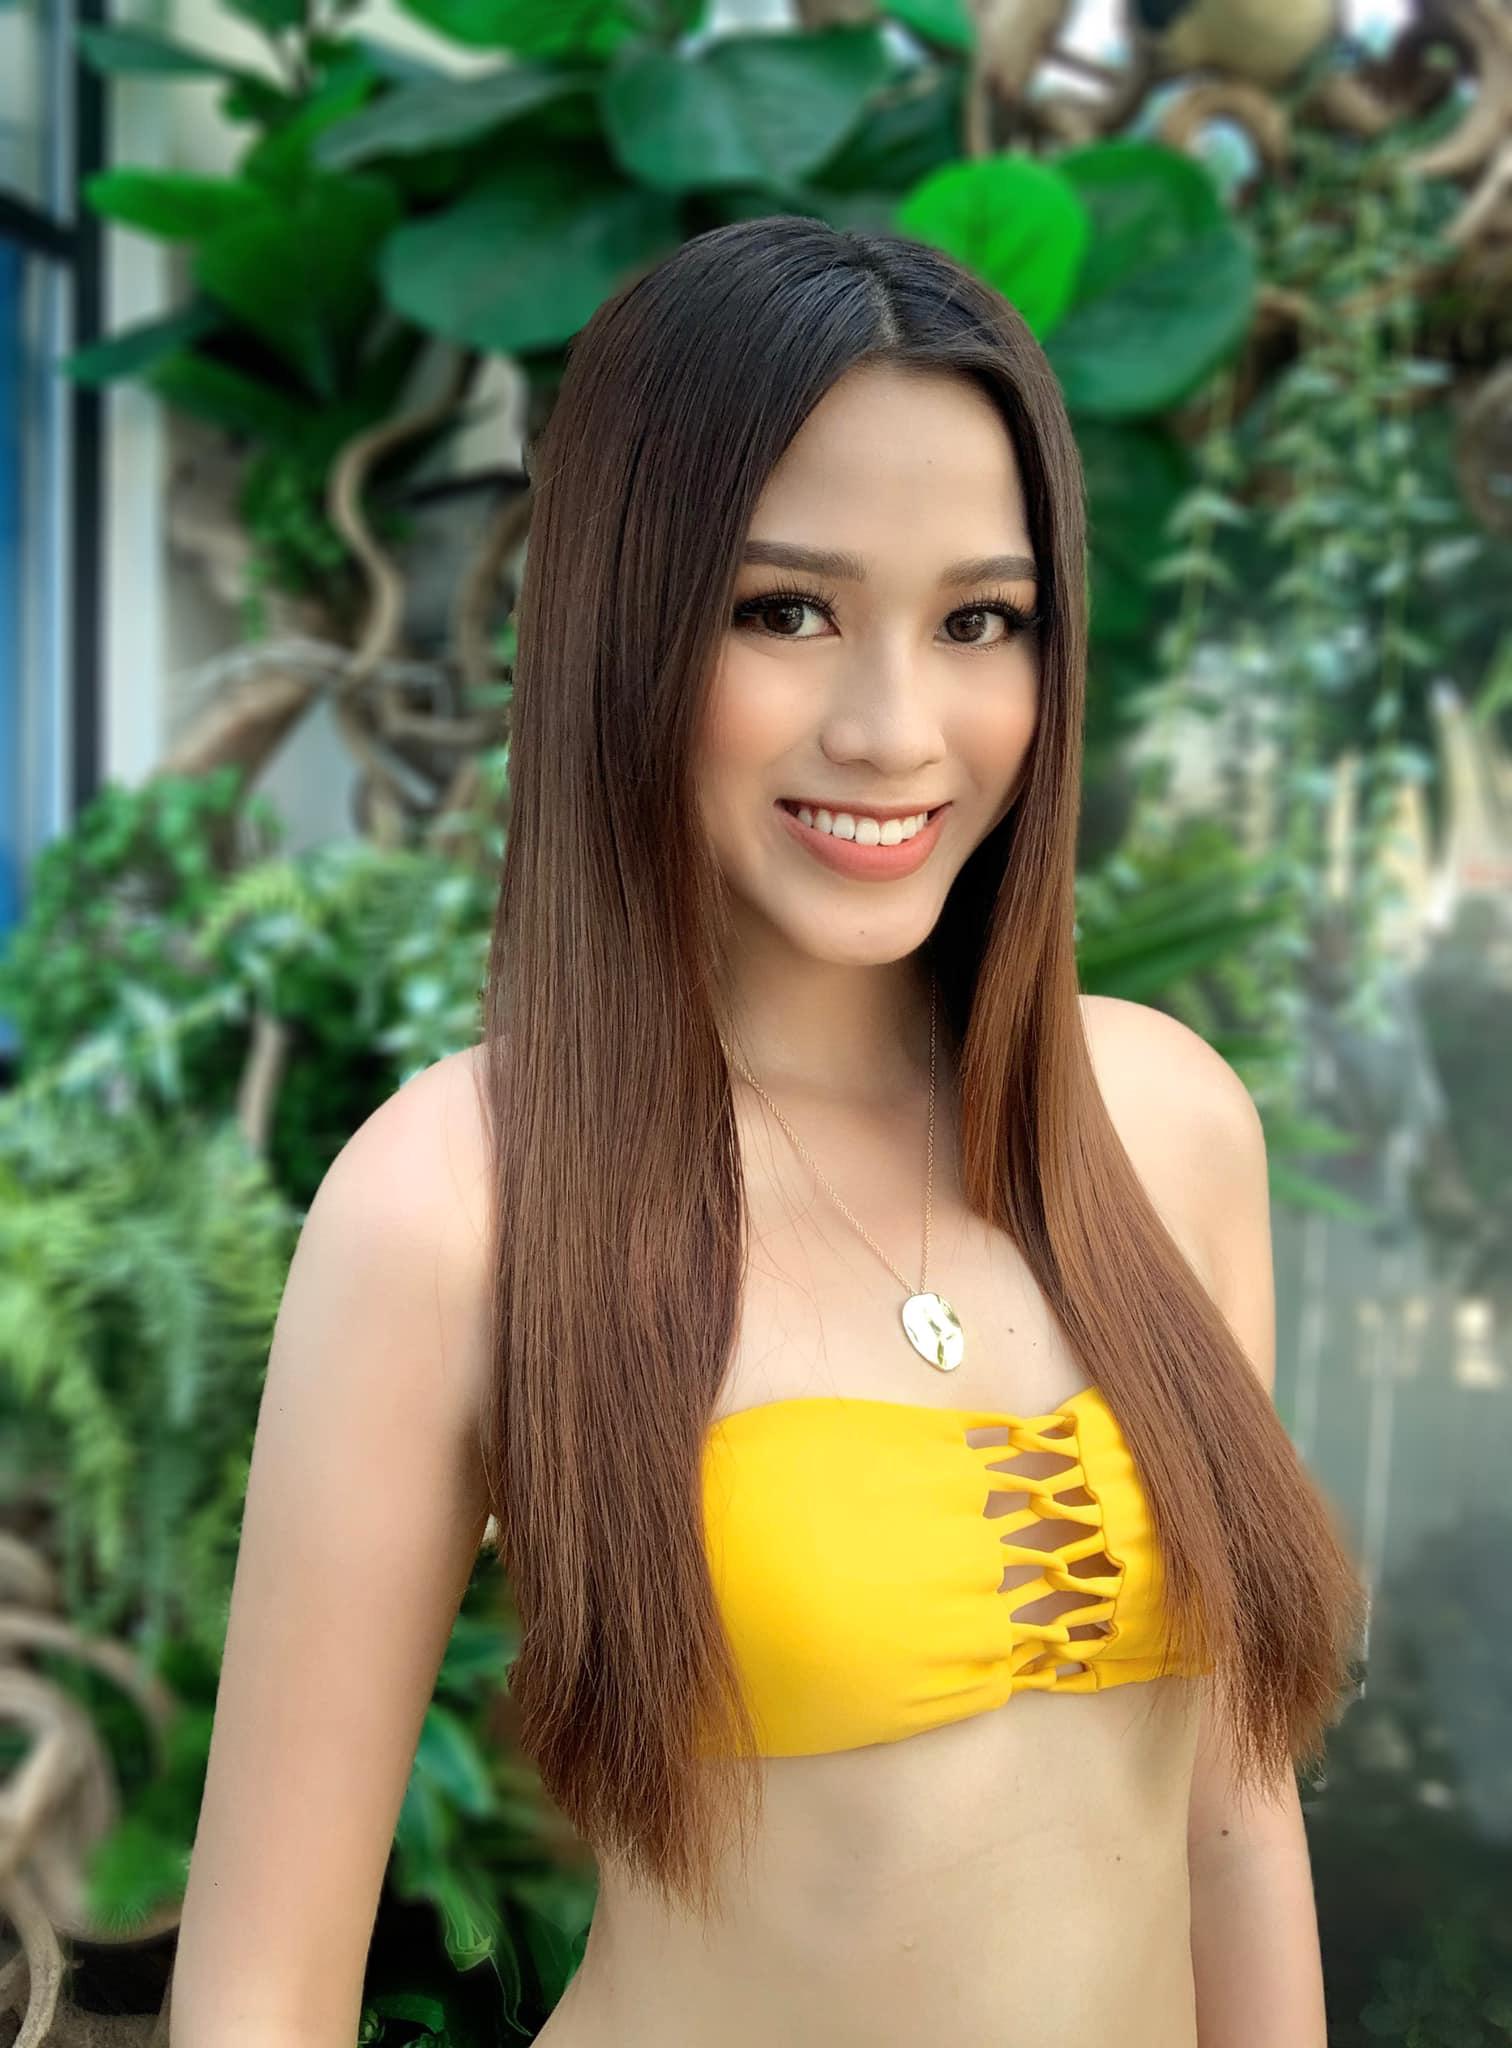 """Nhan sắc Đỗ Thị Hà mặc bikini quyến rũ với chân dài 1,11m """"đọ"""" dáng với Á hậu Phương Anh, Ngọc Thảo  - Ảnh 4."""